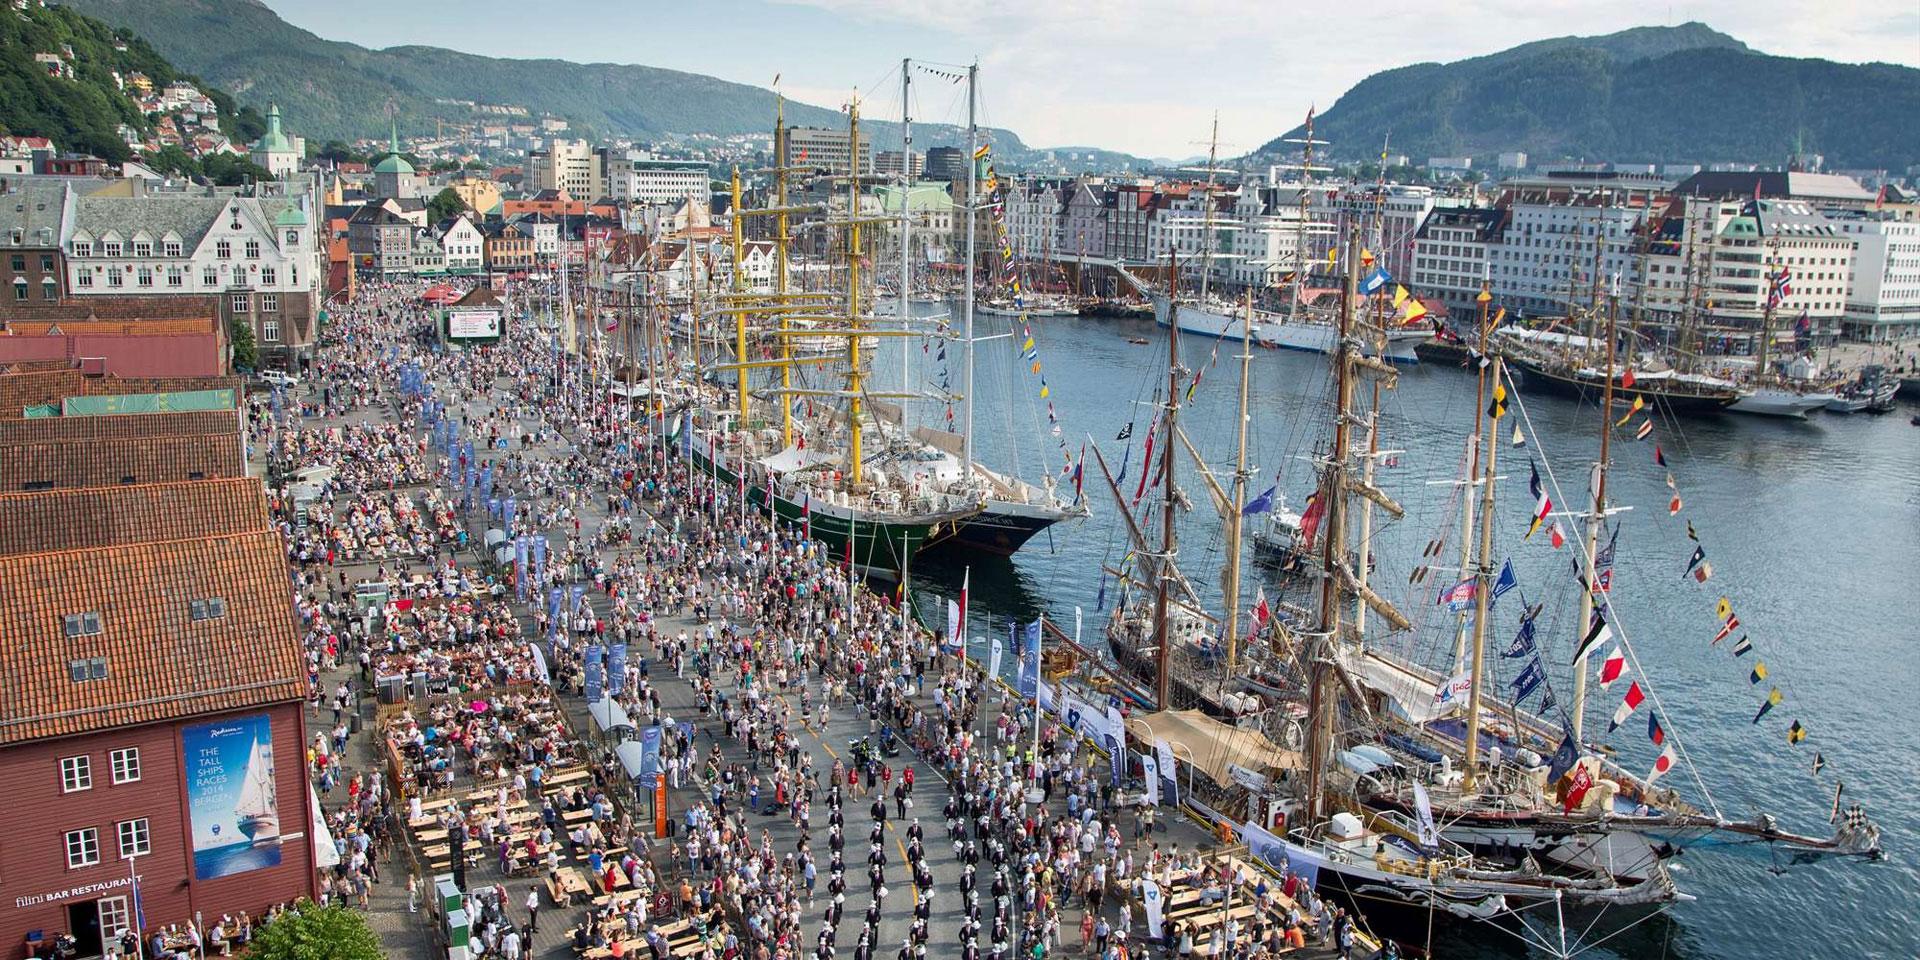 2019, bergen, boat festival